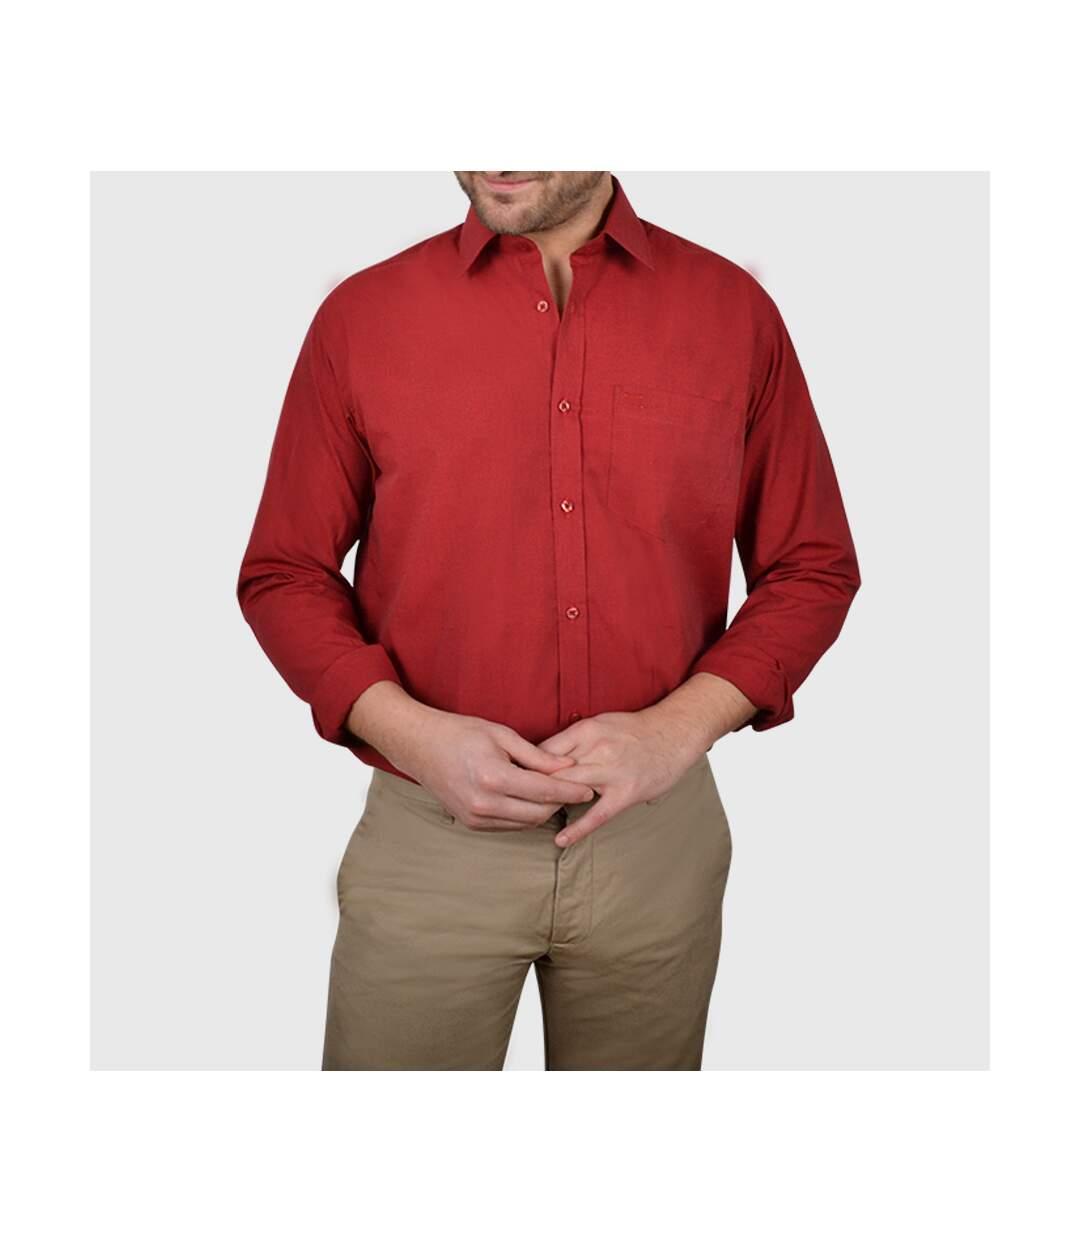 Chemise homme fil à fil bordeaux avec poche poitrine - Chemise NON CINTRÉE